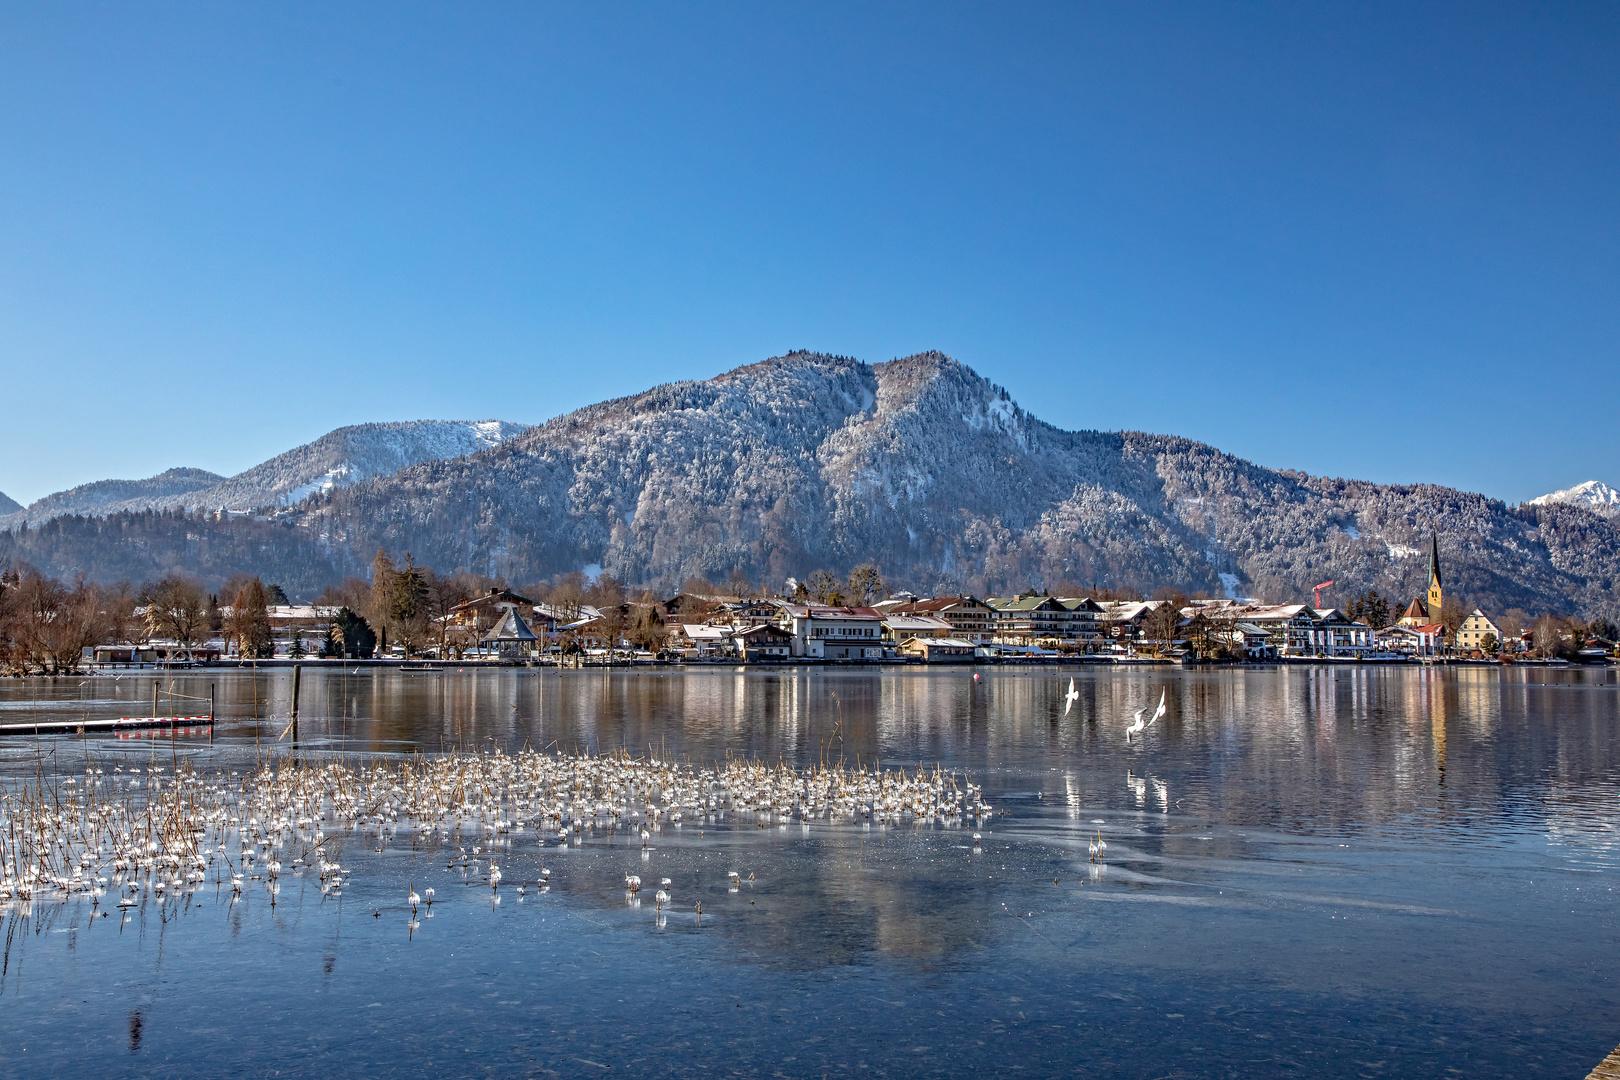 Wintertag am Tegernsee